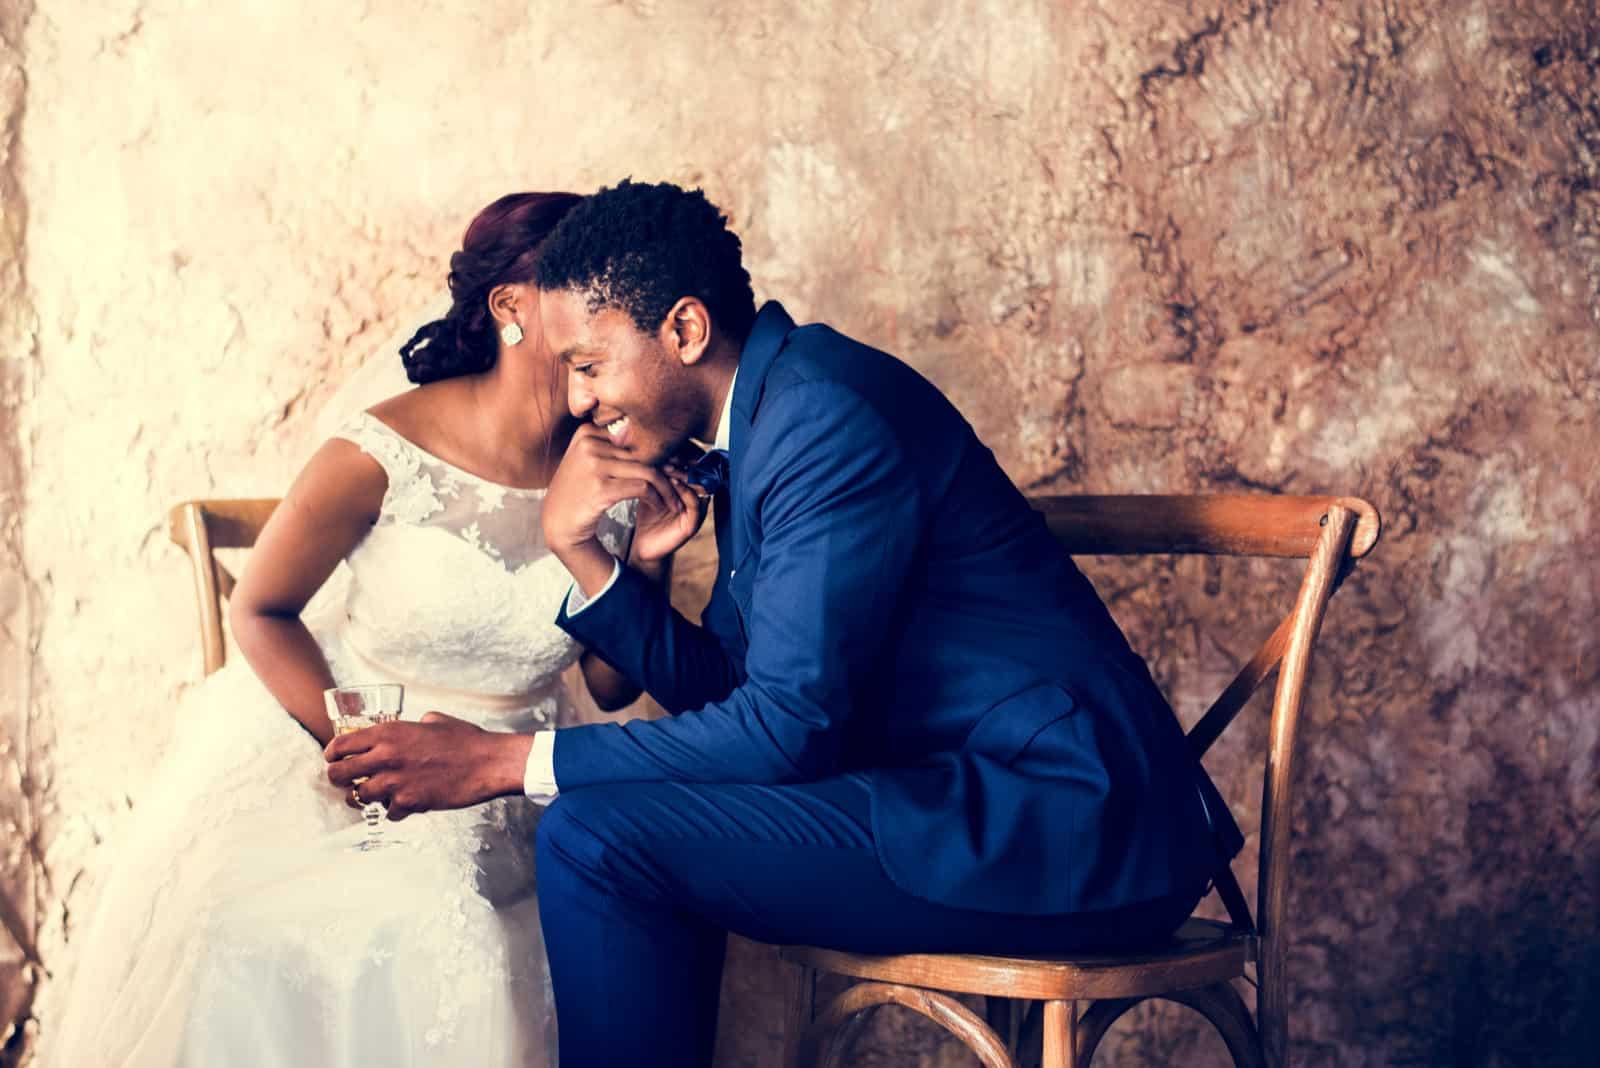 Hochzeitsfeier der frisch verheirateten afrikanischen Abstammung